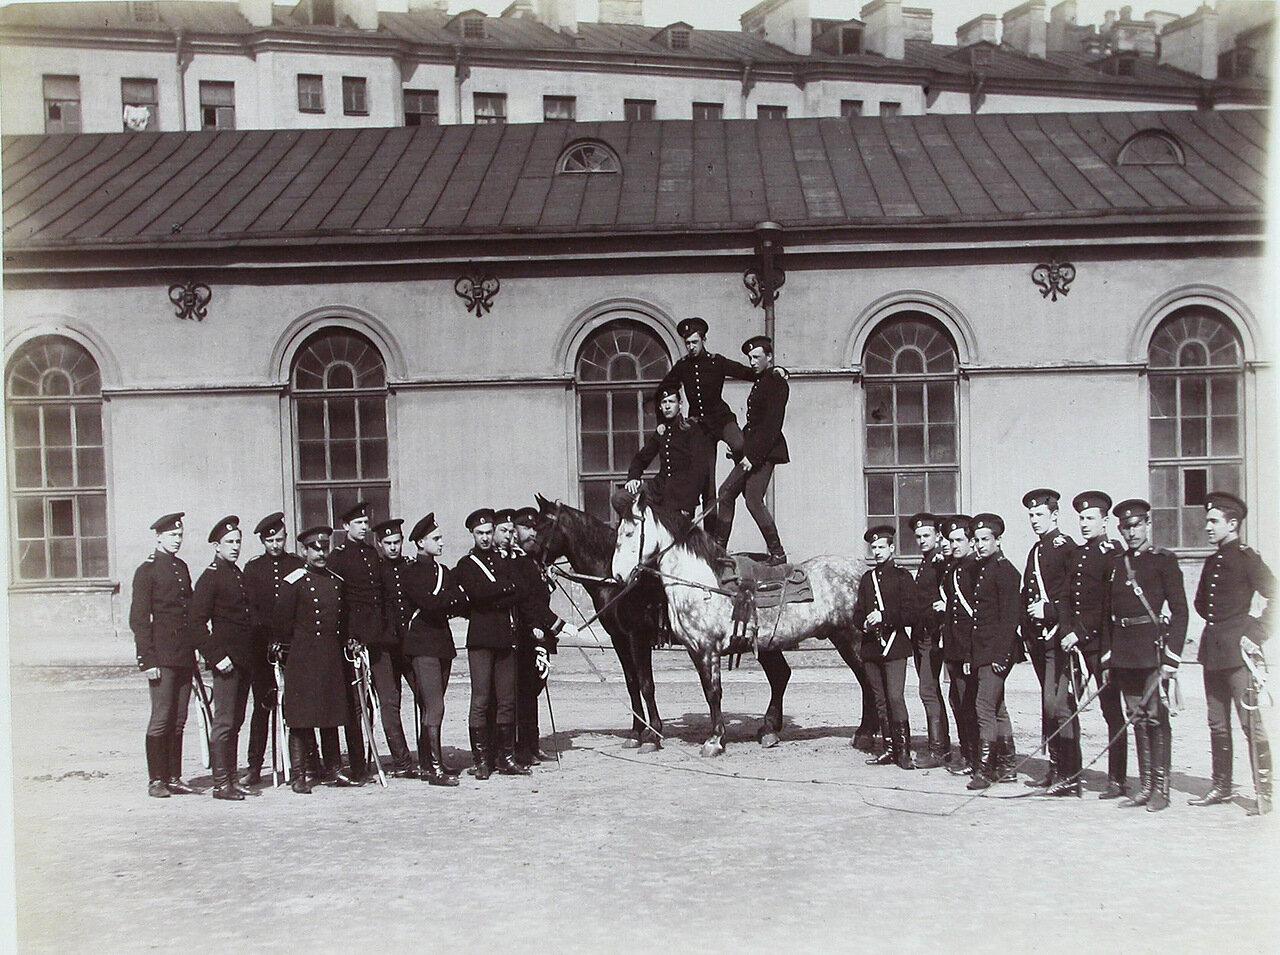 08. Группа пажей - воспитанников корпуса - во время занятий верховой ездой (джигитовкой)